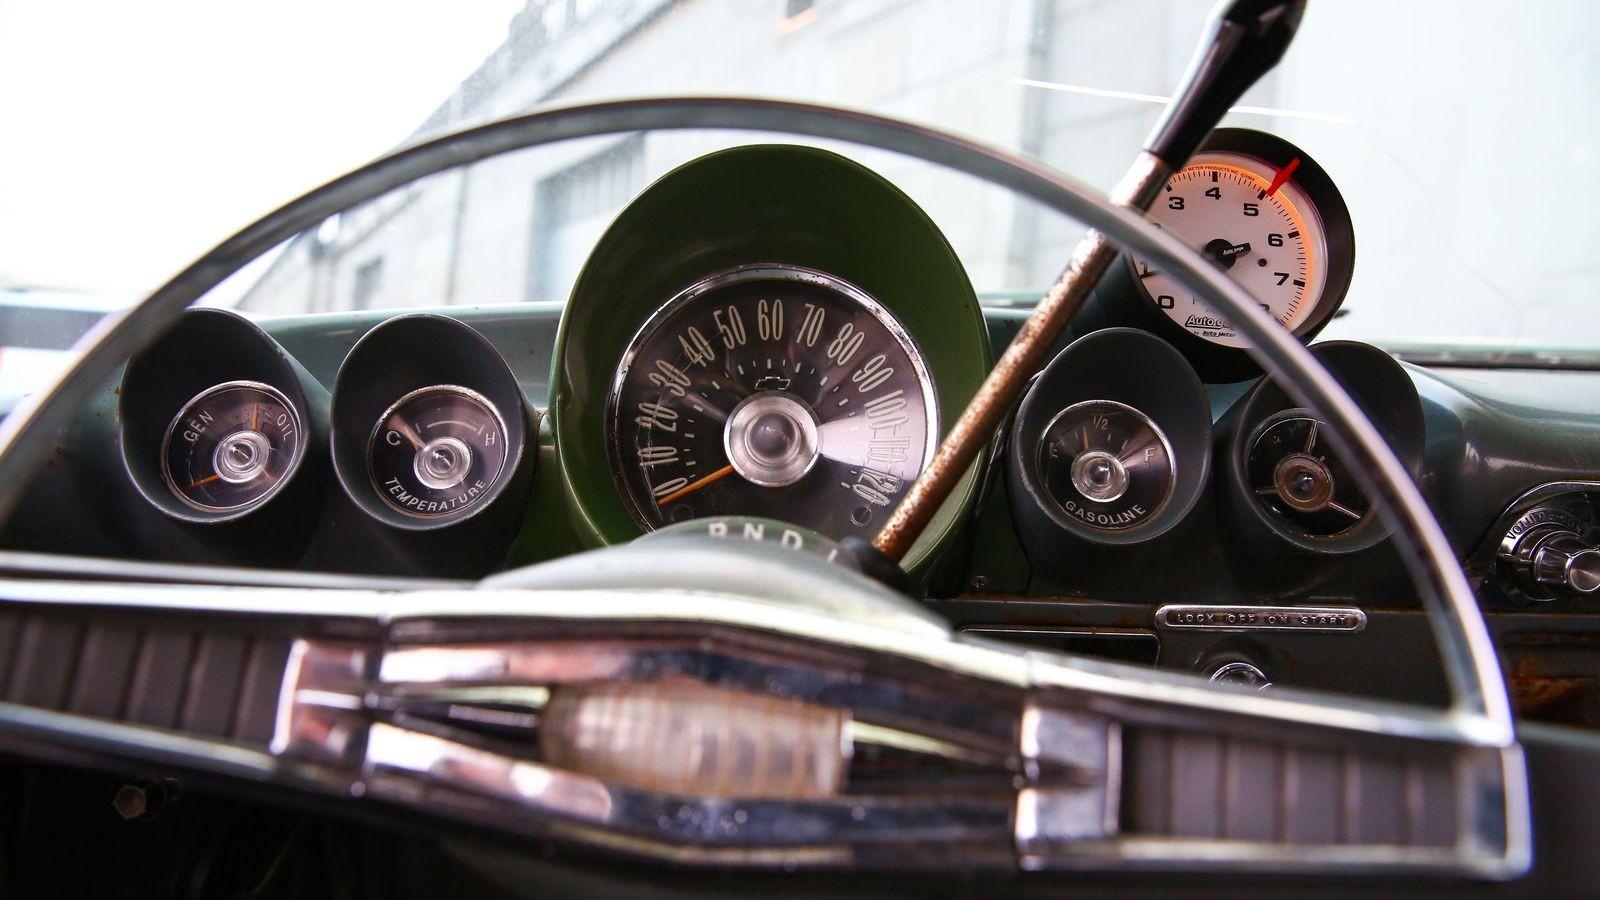 Ржавый и быстрый: опыт владения Chevrolet El Camino 1959 в стиле raggare